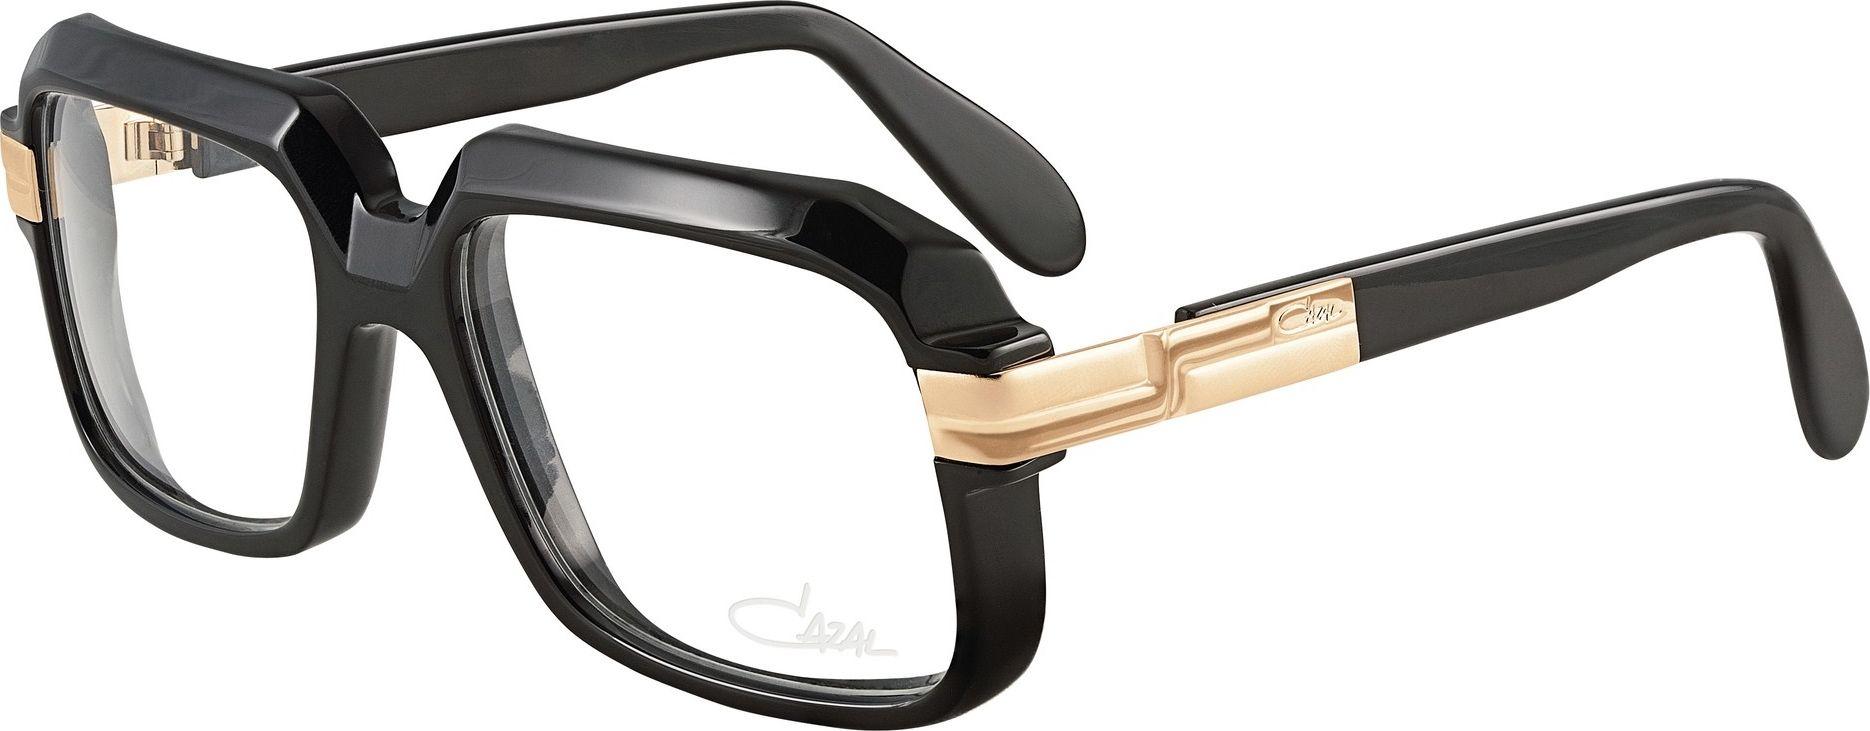 9395c4cb1b17 Cazal Eyeglasses 607